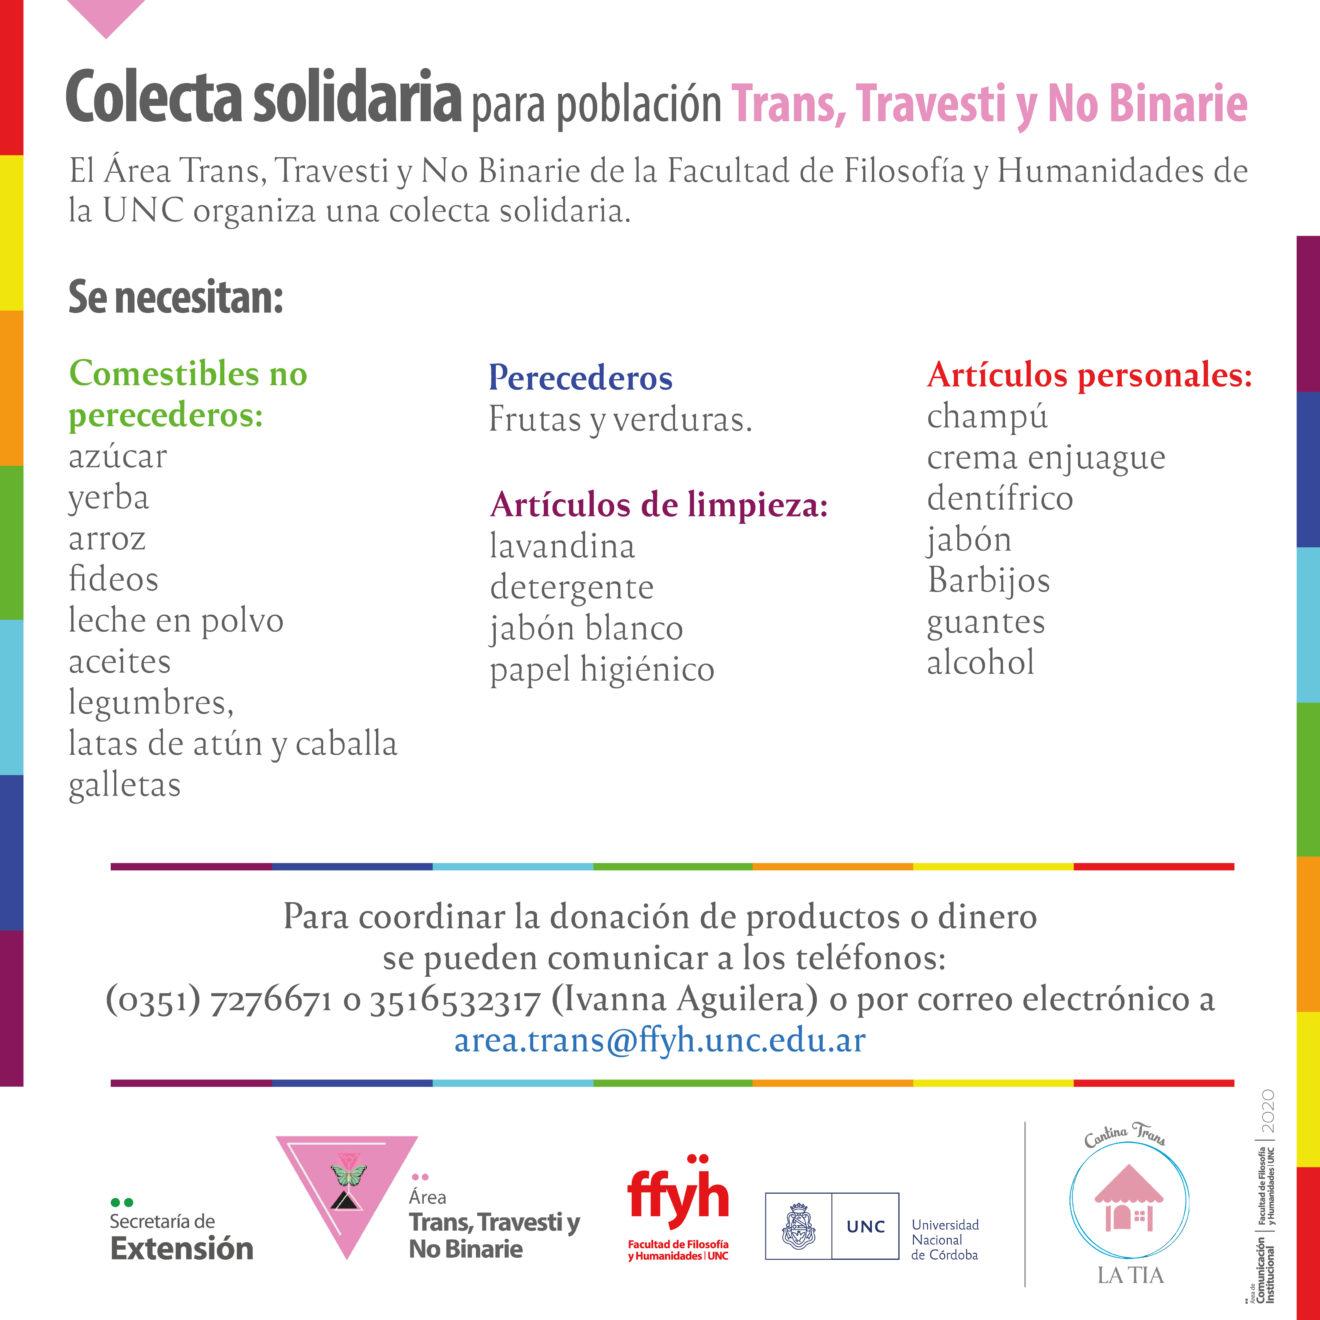 Colecta solidaria para población trans, travesti y no binarie